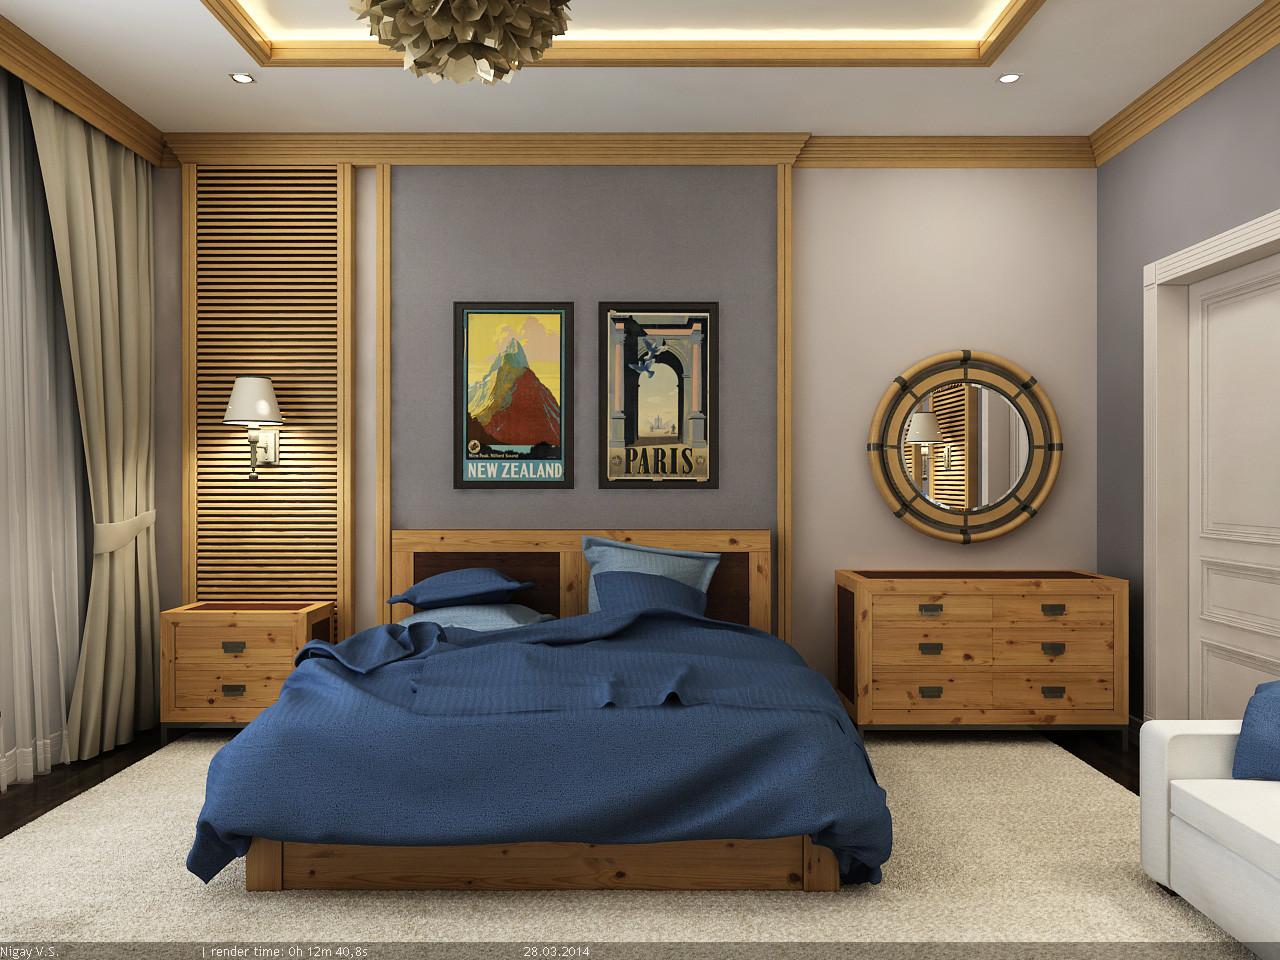 01 - 2 floor - 2 part0008.jpg